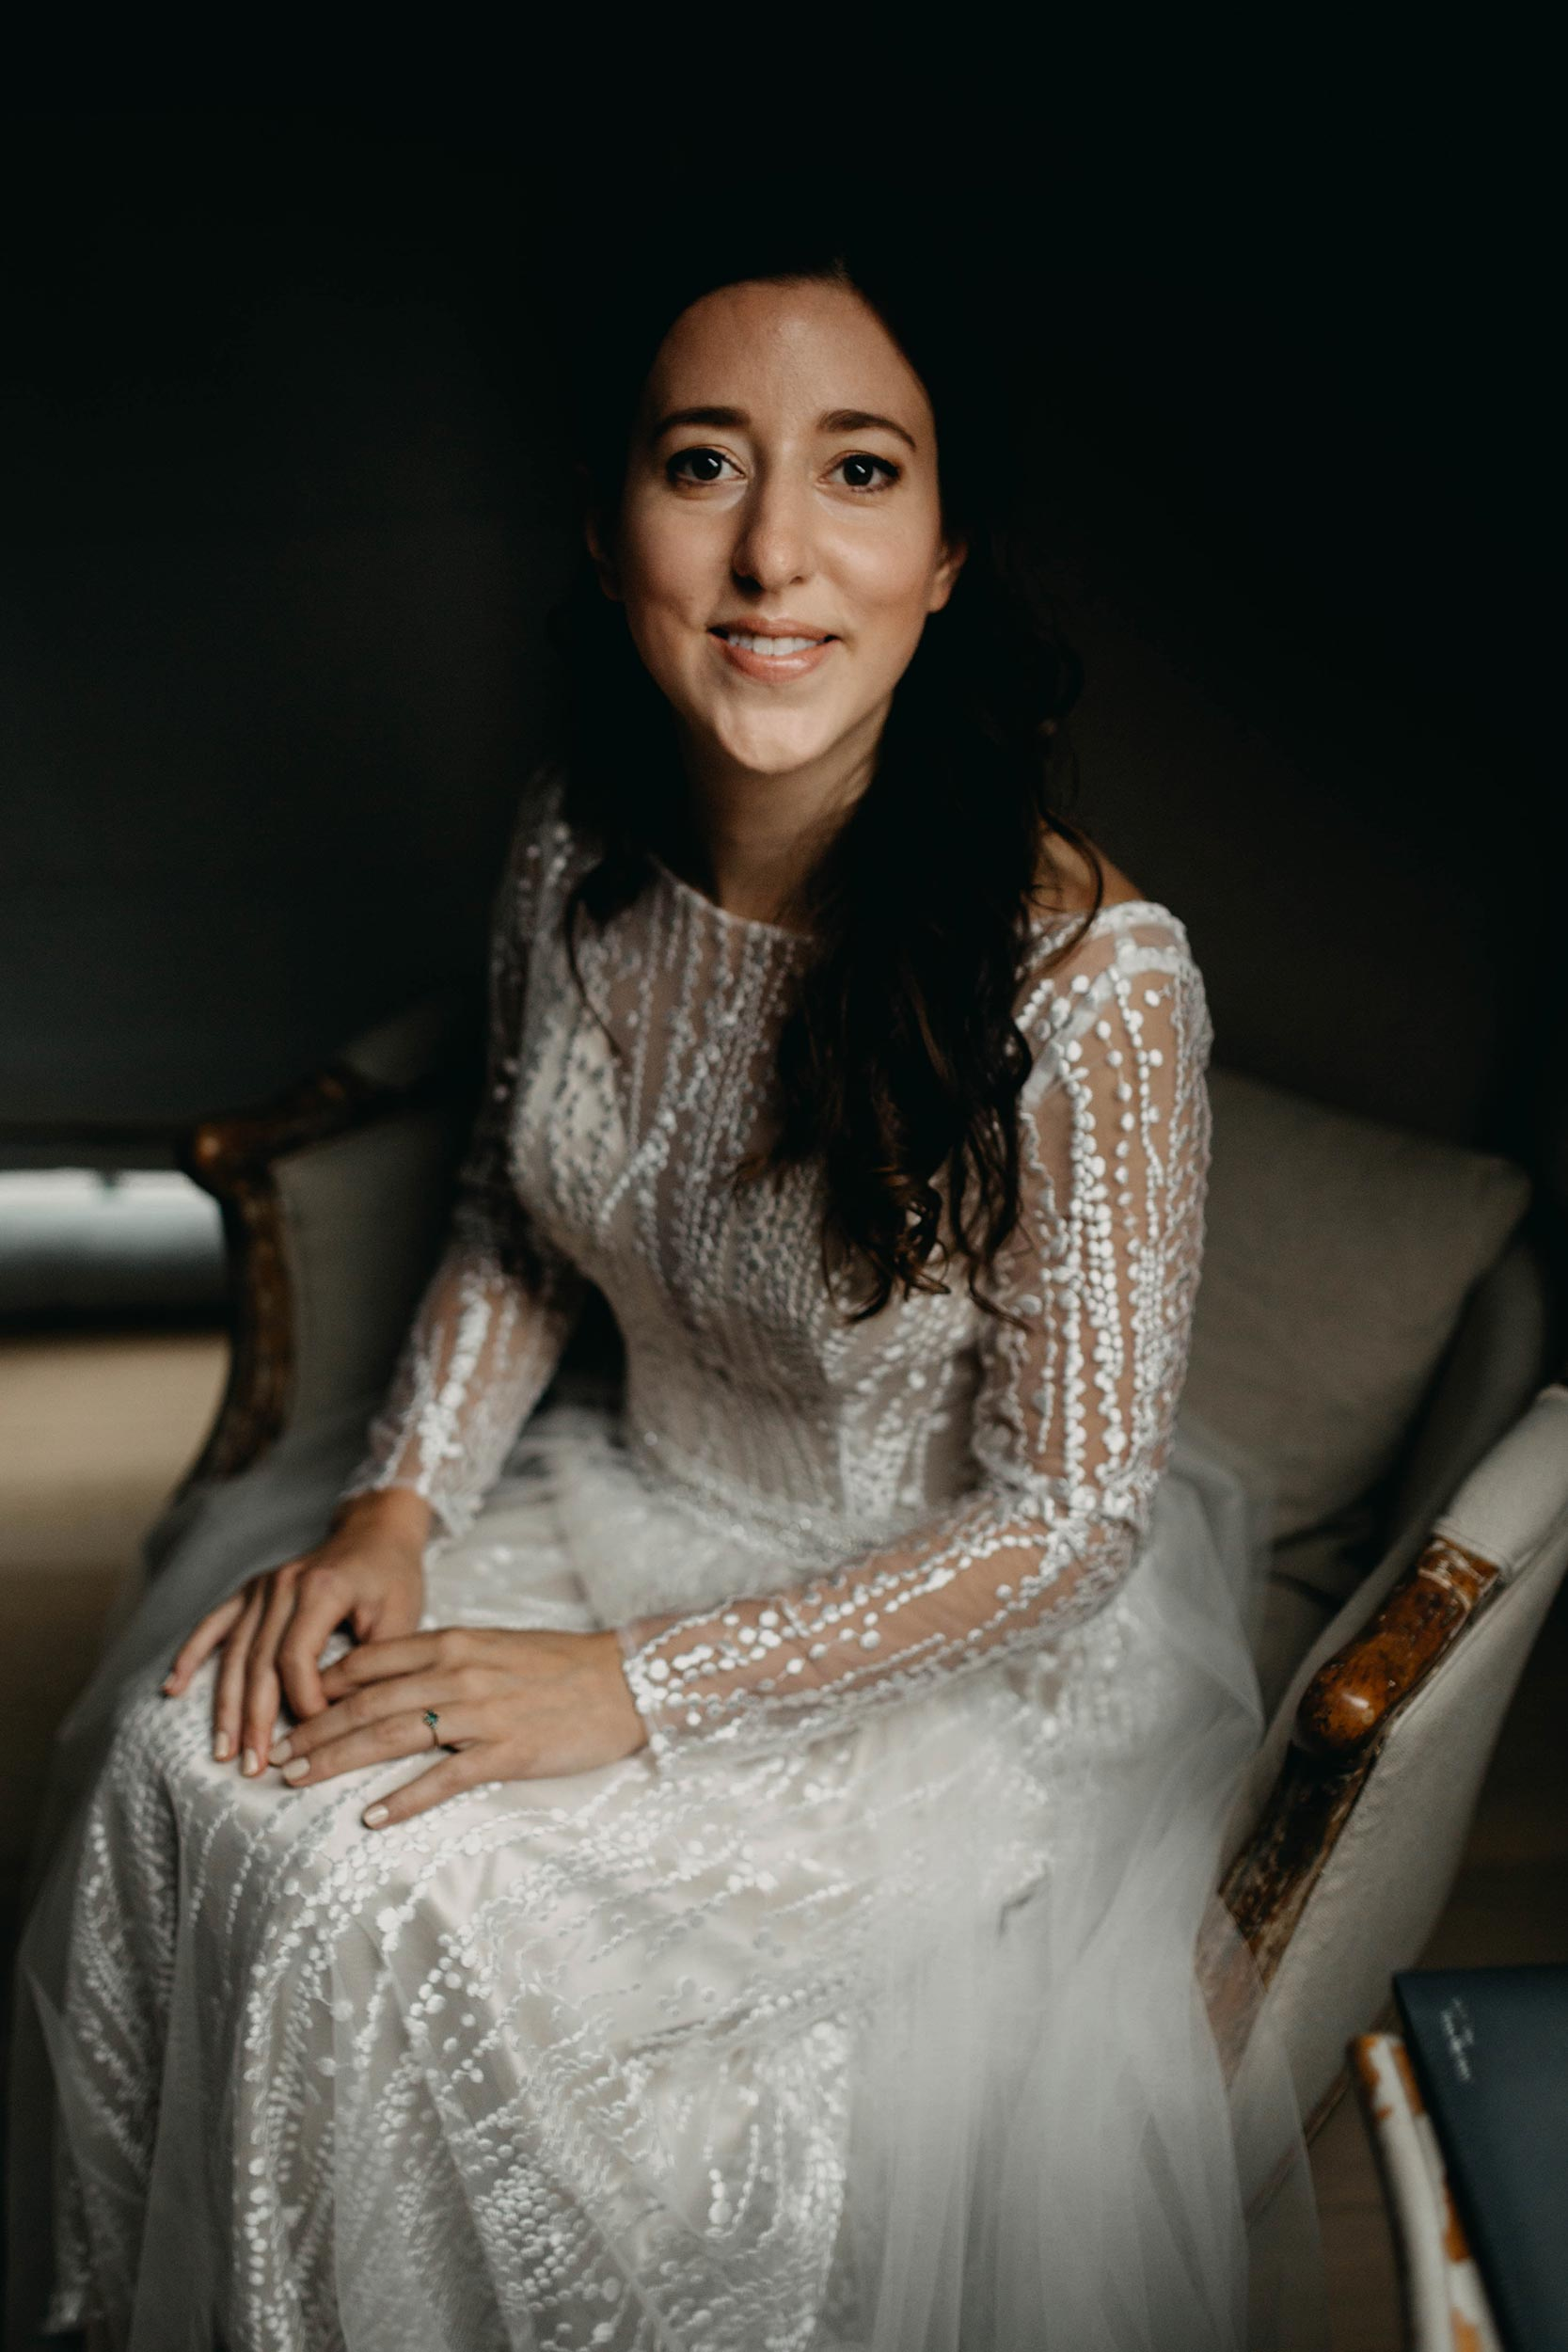 een portret van de bruid